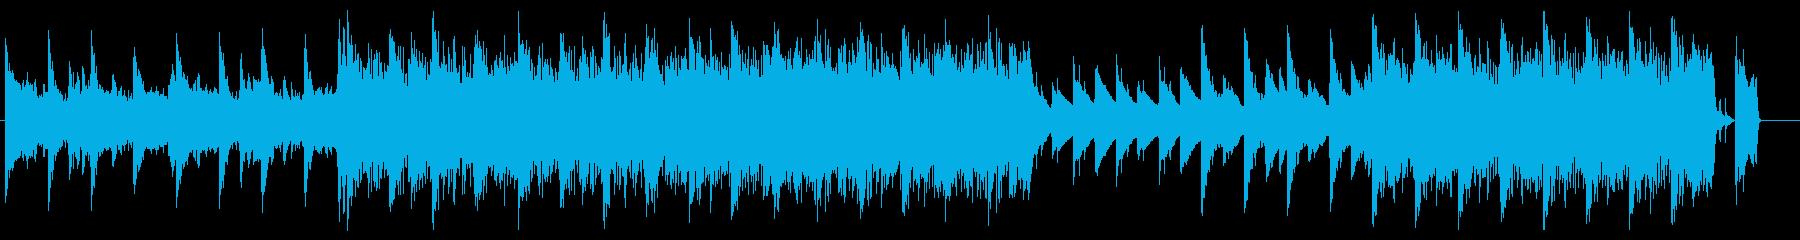 風鈴のバラードの再生済みの波形